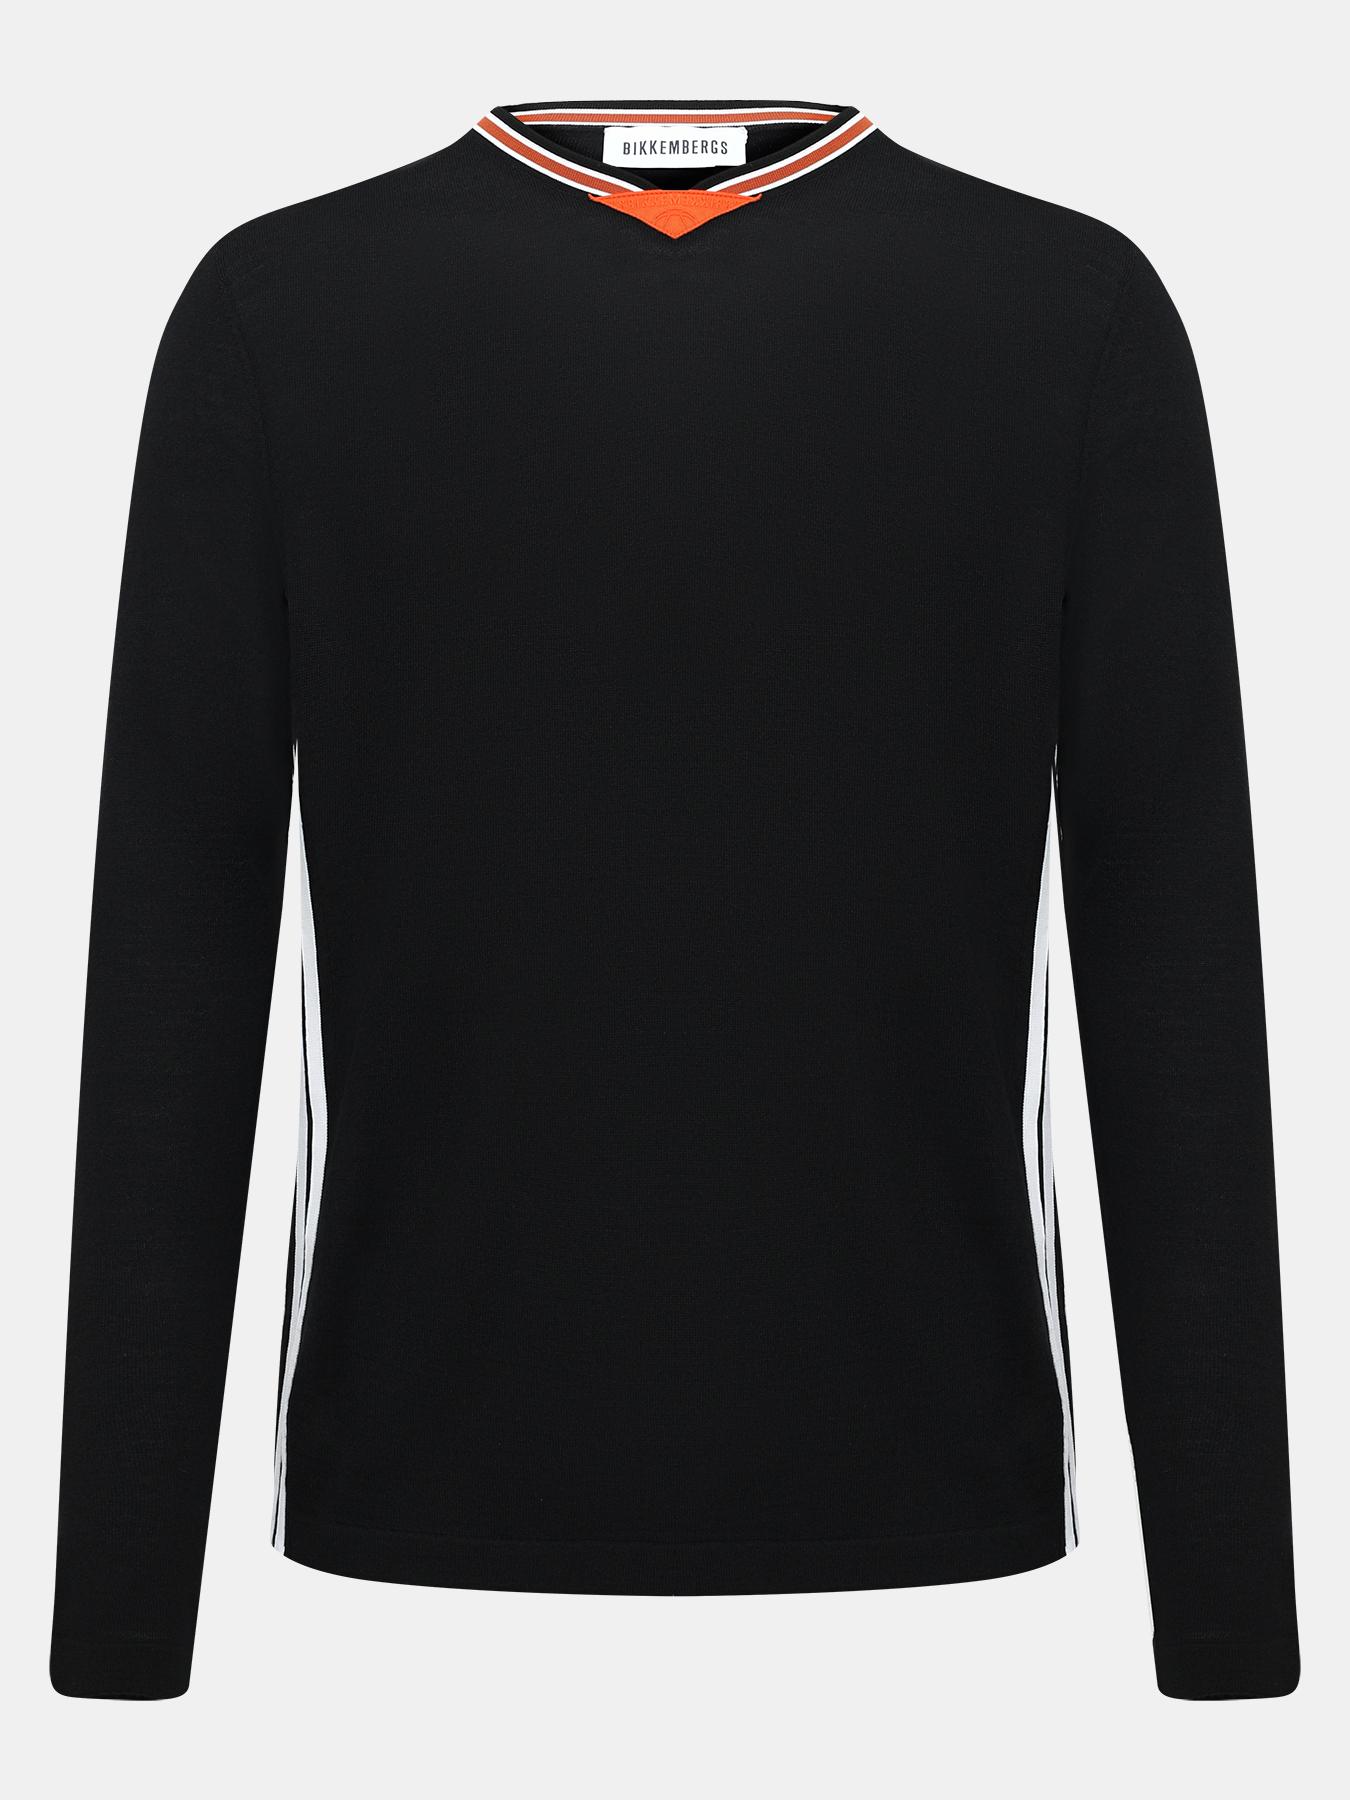 Пуловеры Bikkembergs Пуловер фото